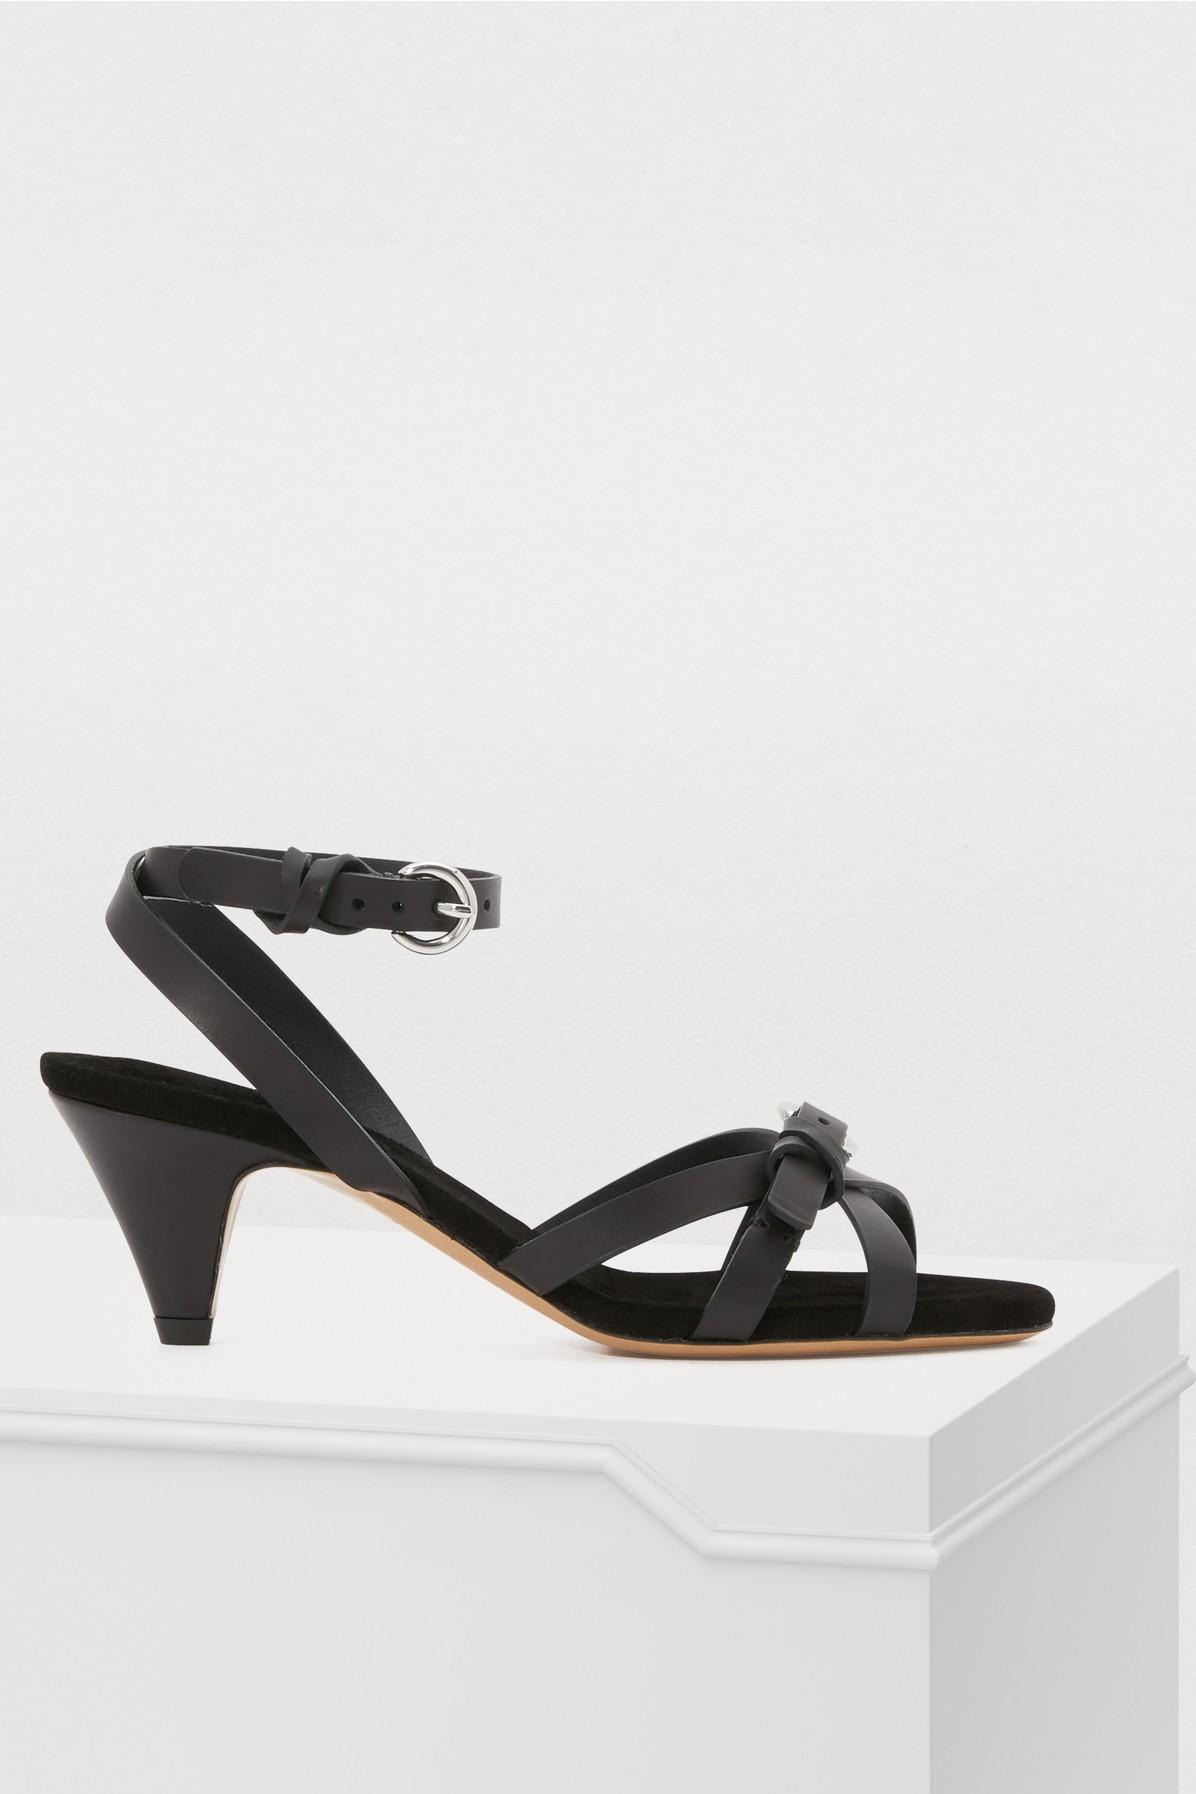 Sandales Laetitia